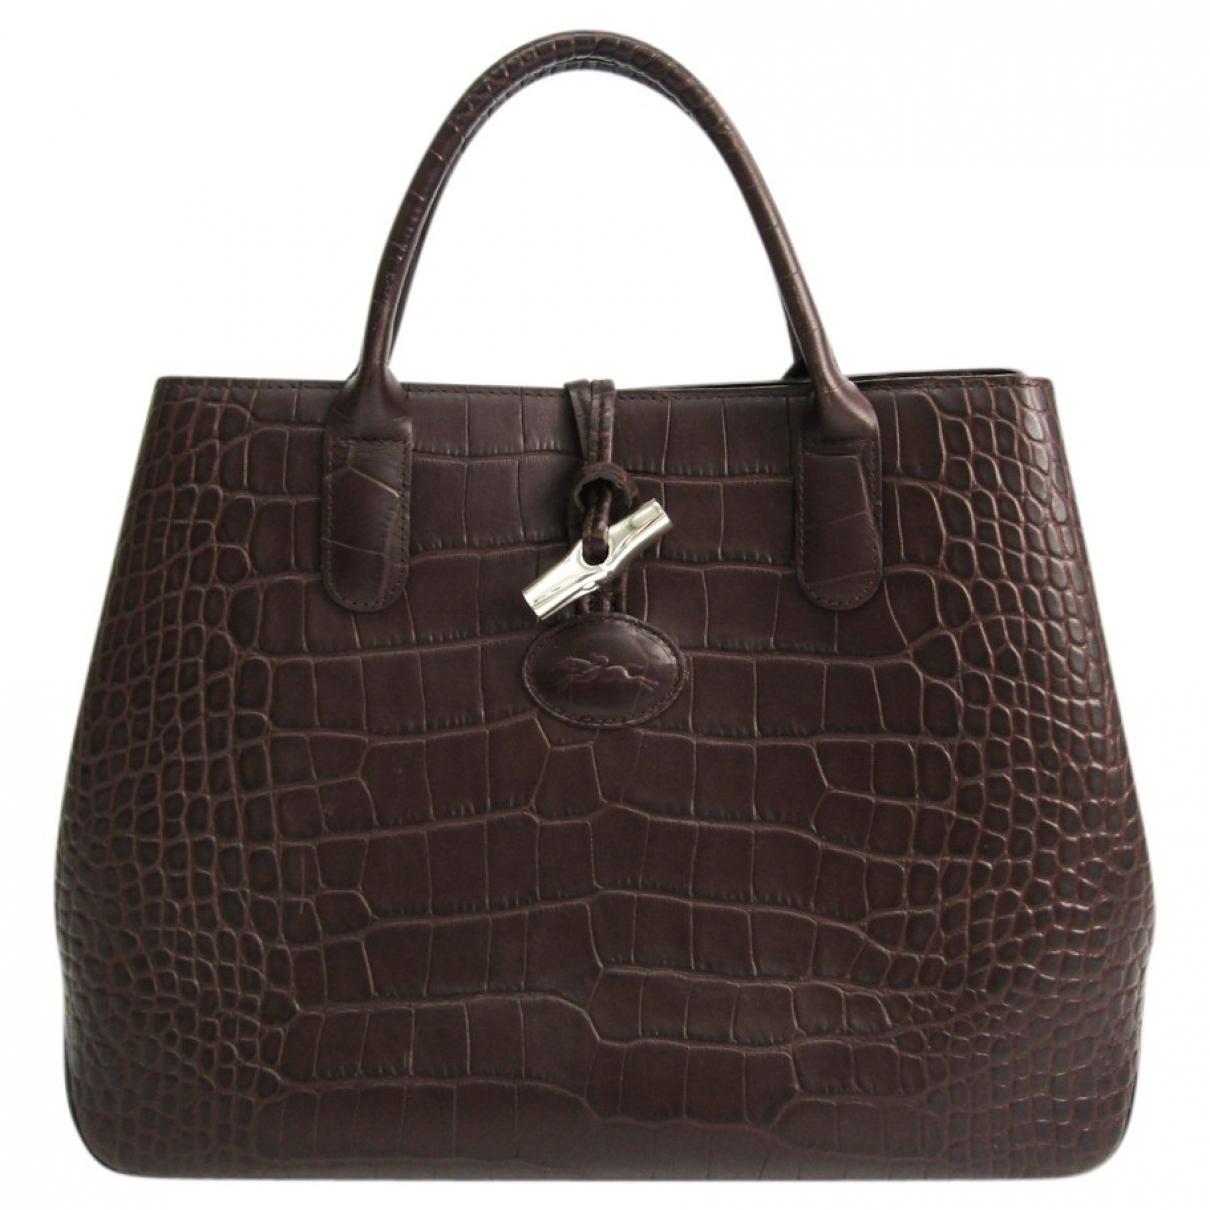 Longchamp \N Handtasche in  Braun Leder